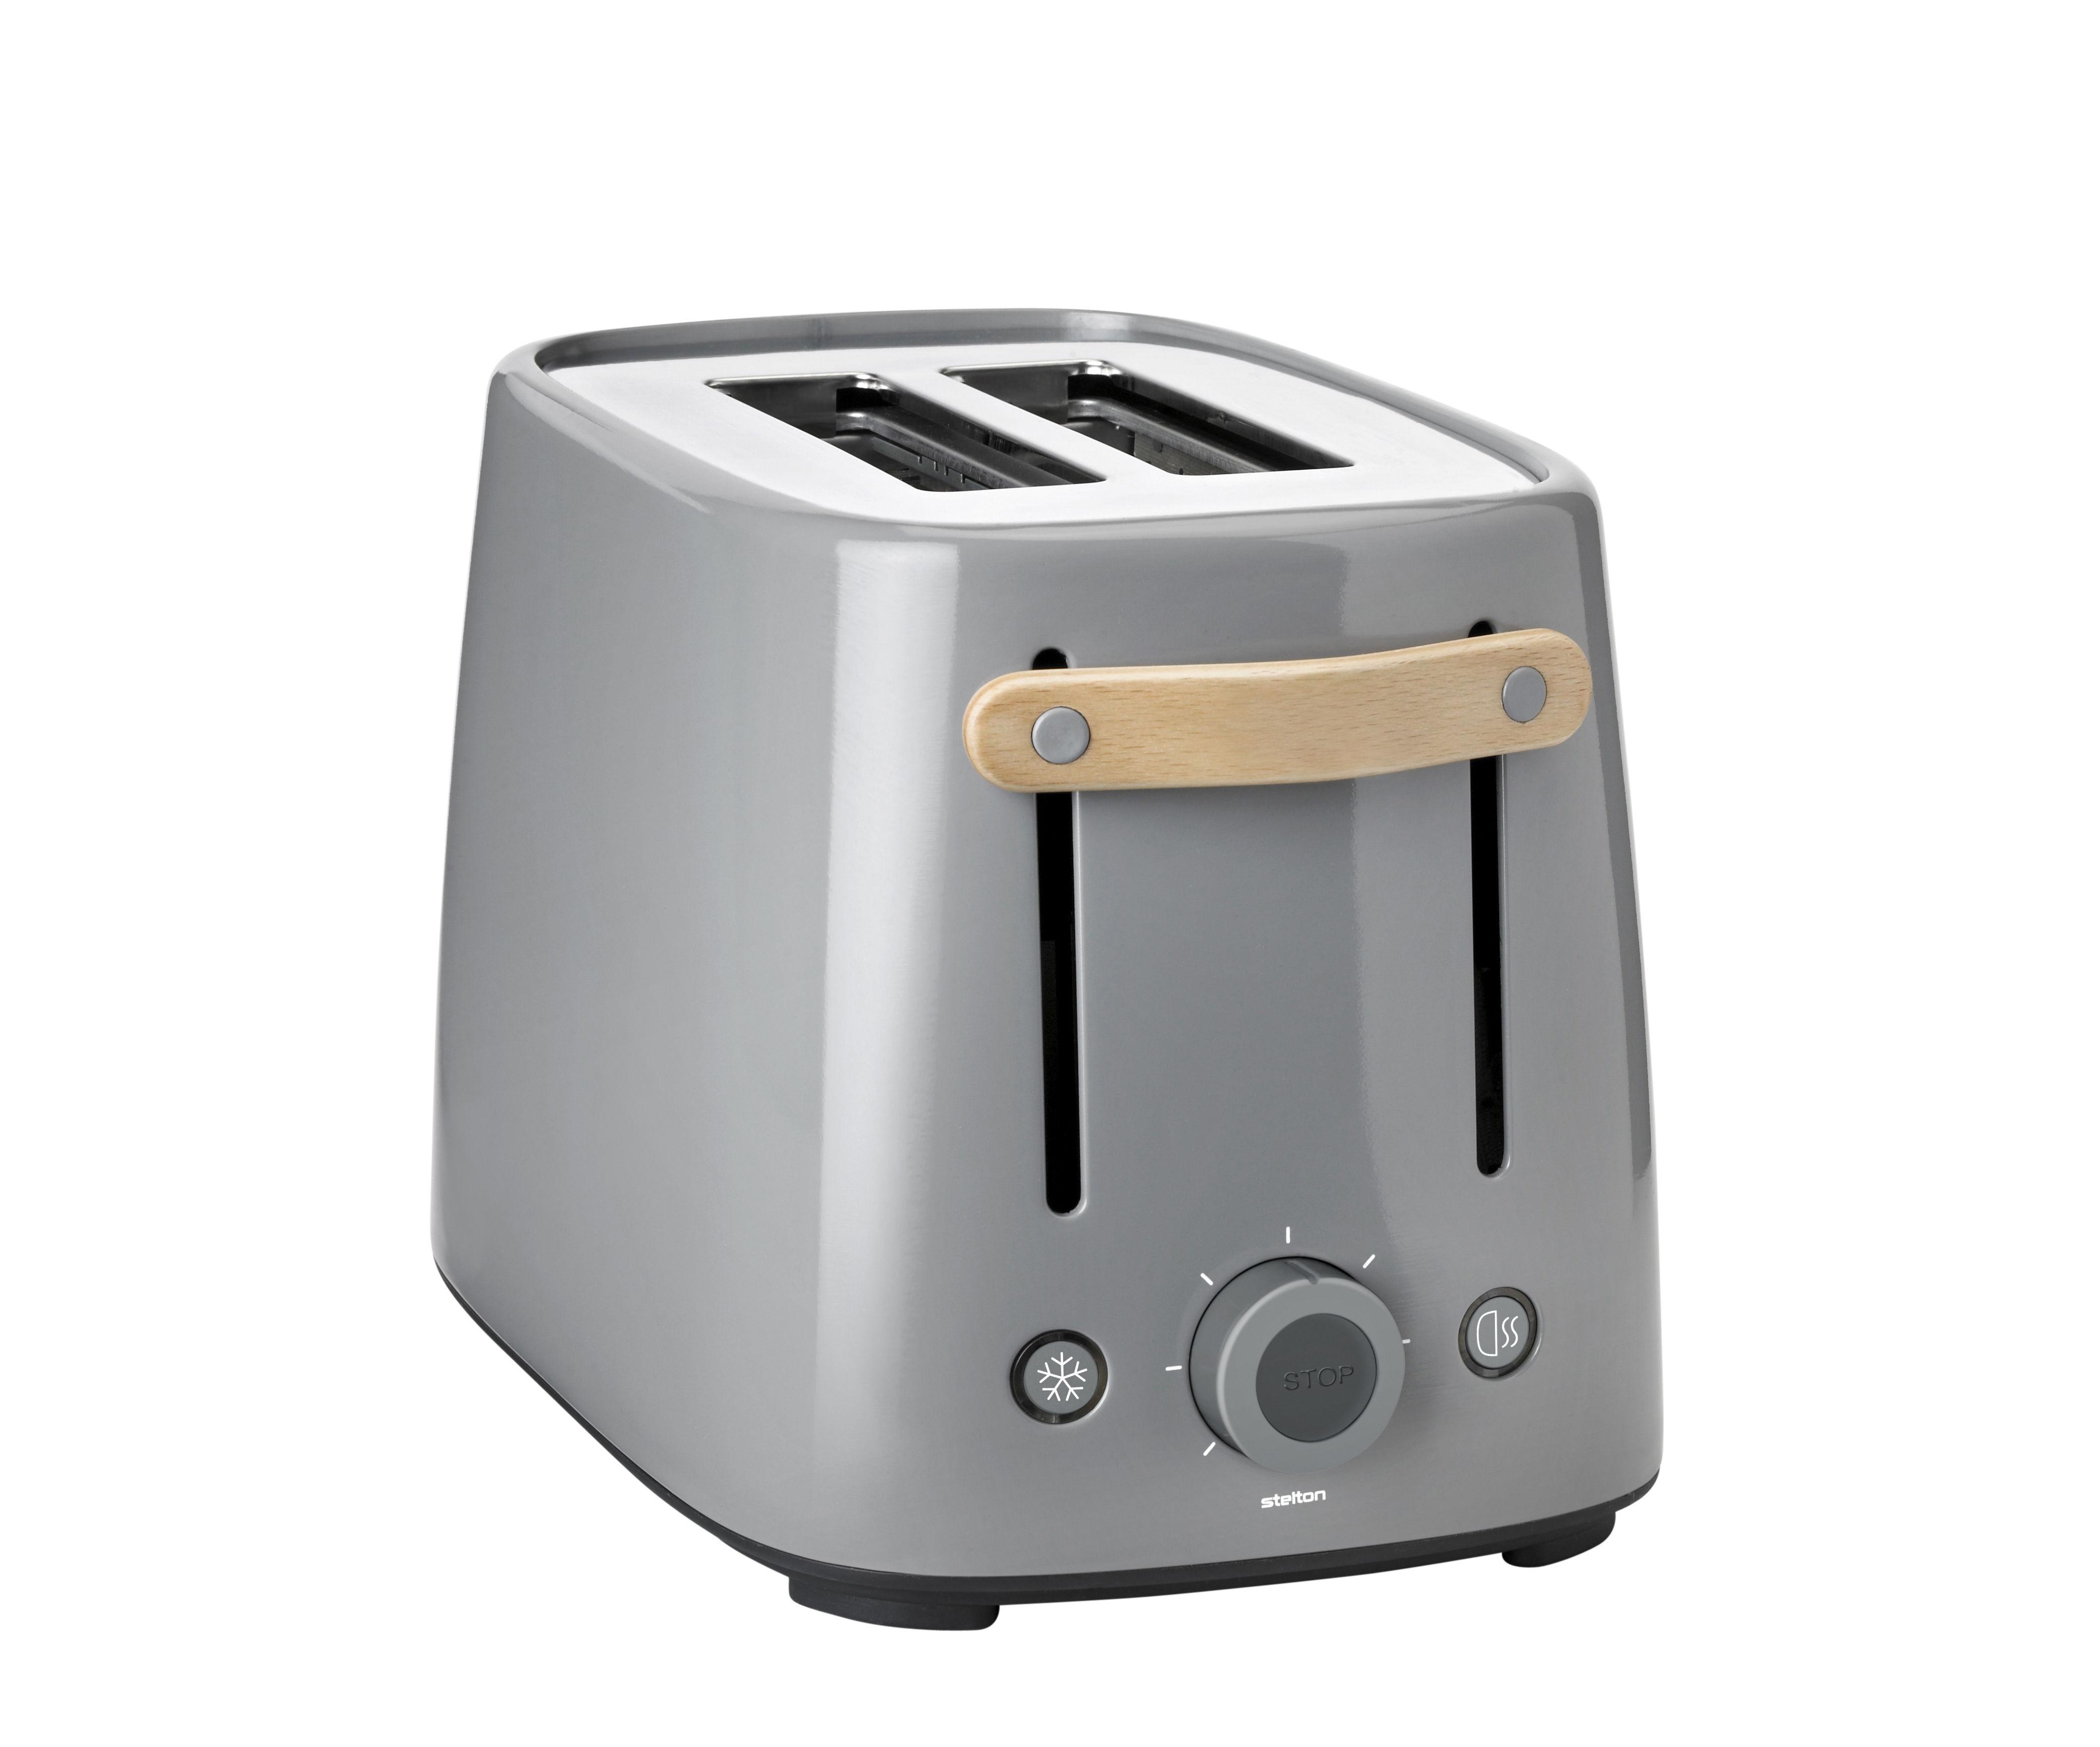 Cucina - Elettrodomestici - Tostapane Emma - / 2 fette di Stelton - Grigio - Acciaio verniciato, Faggio, Plastica